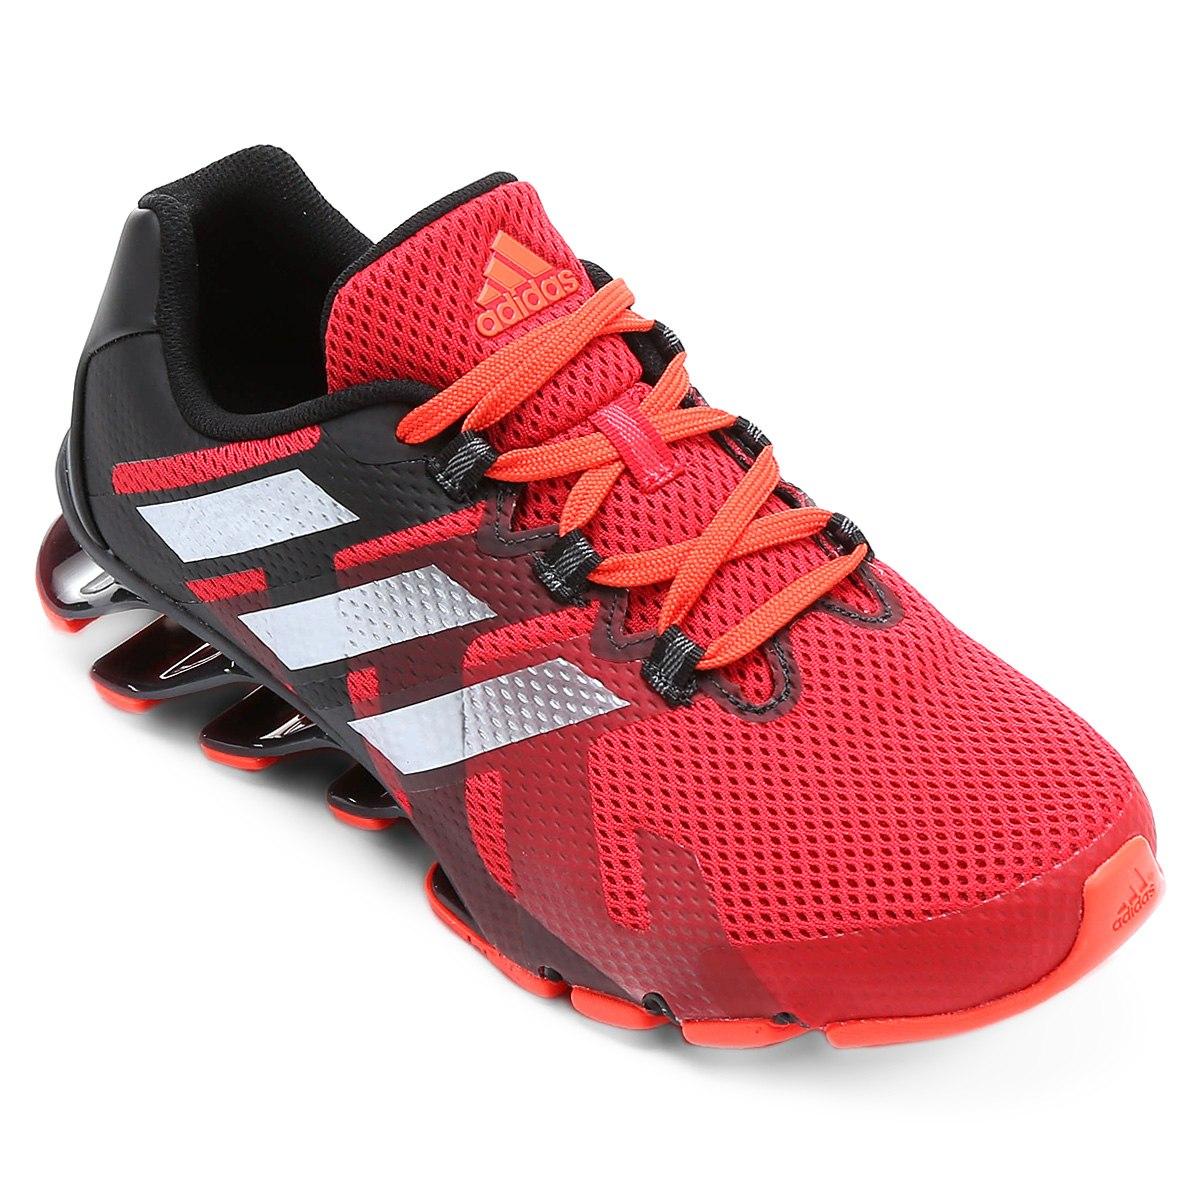 tênis adidas springblade vermelho. Carregando zoom. 774676d7c200e